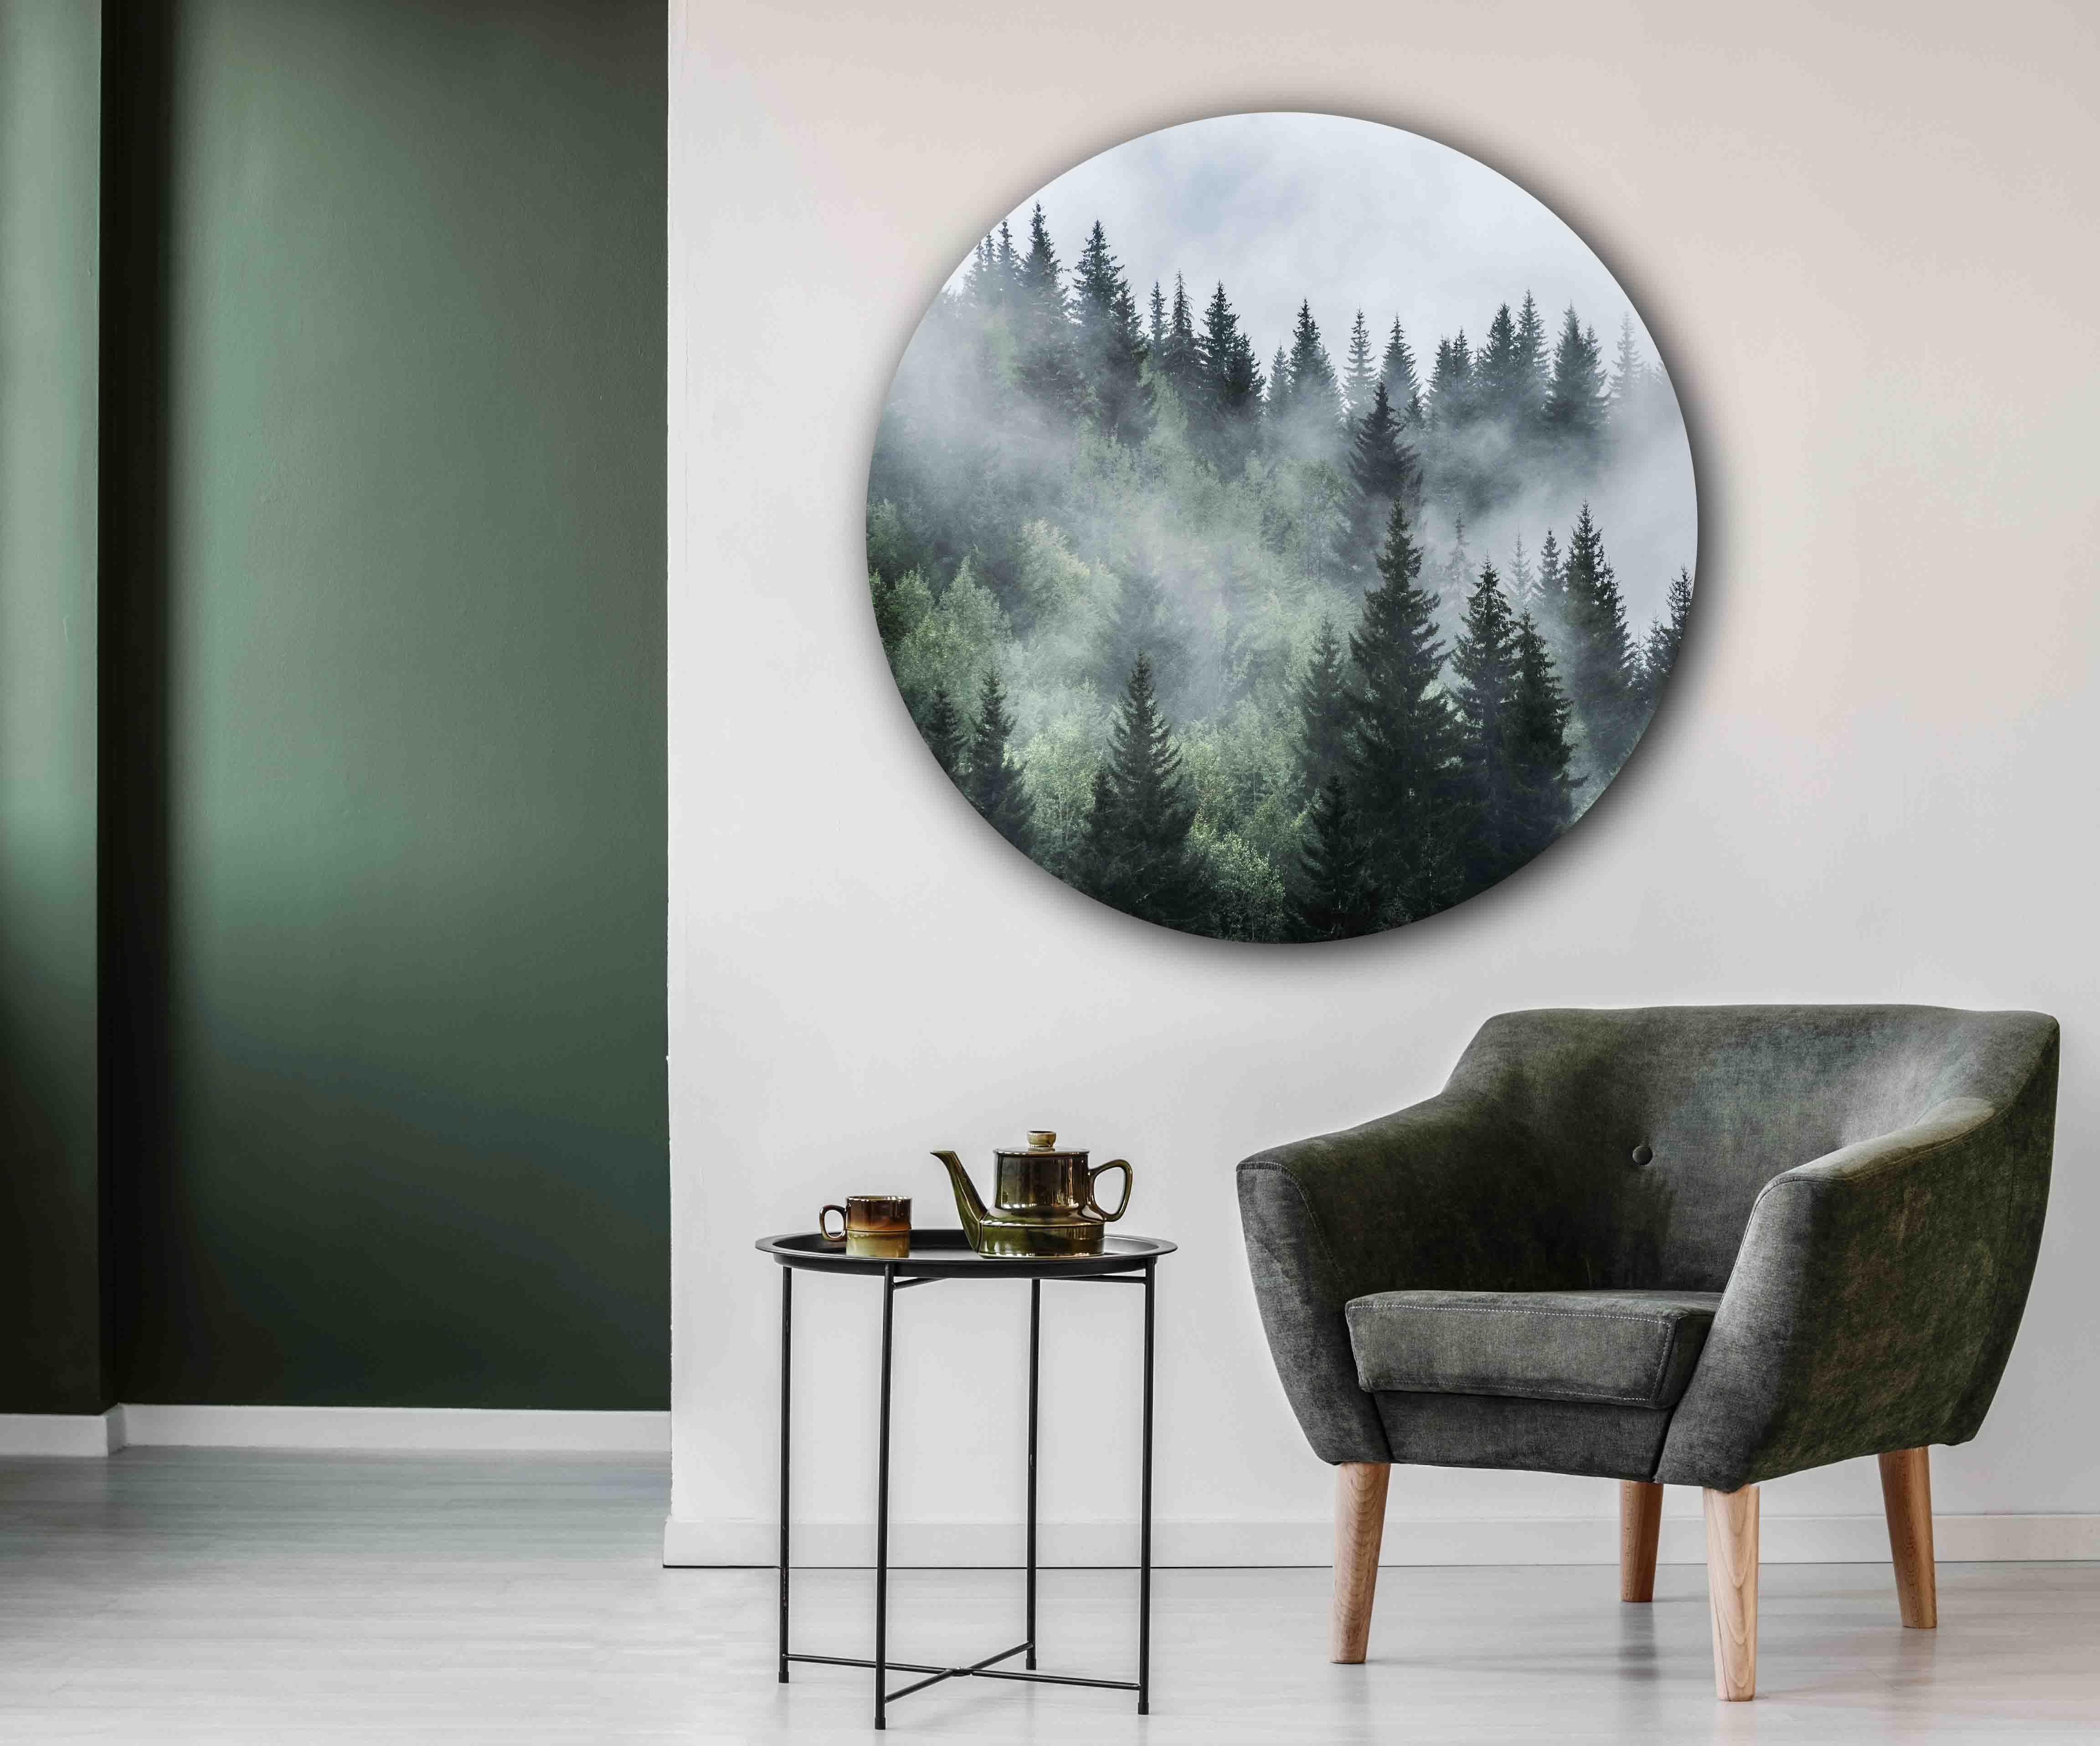 Wanddecoratie Voor In Huis Natuur Aan De Muur Thuis Woonkamer Muurdecoratie Thuisdecoratie